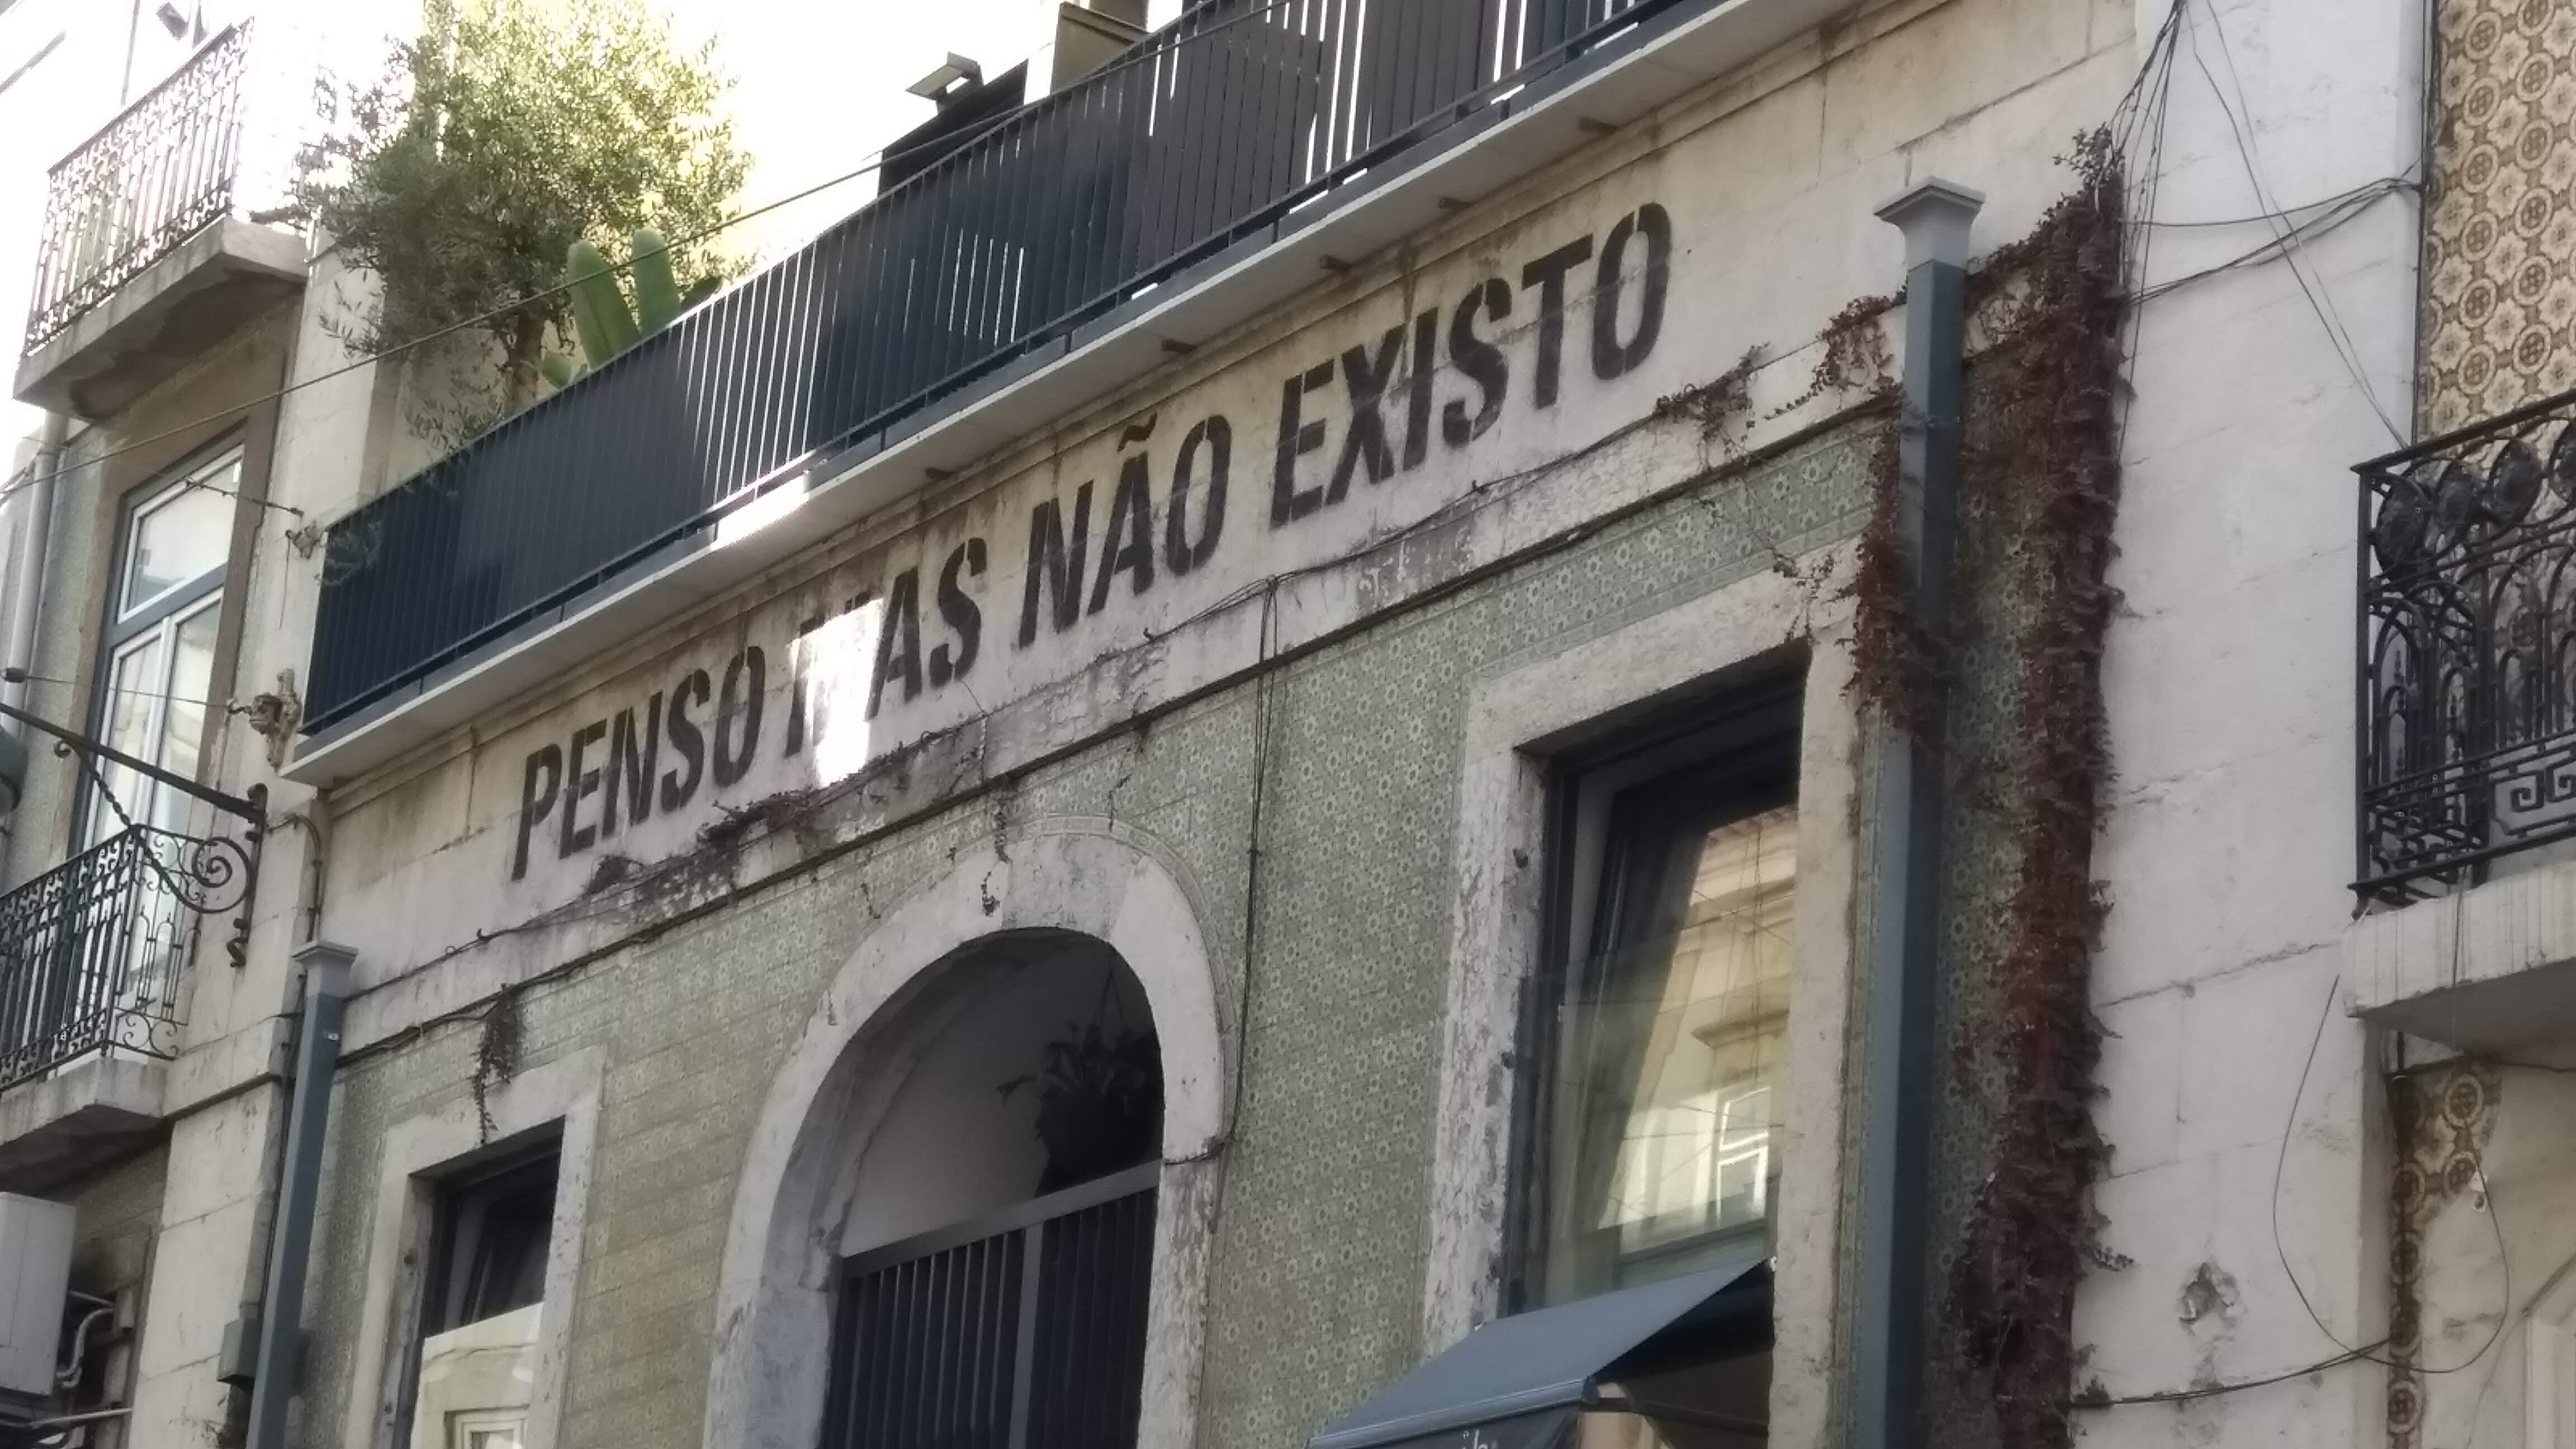 PiensoMasNãoExisto